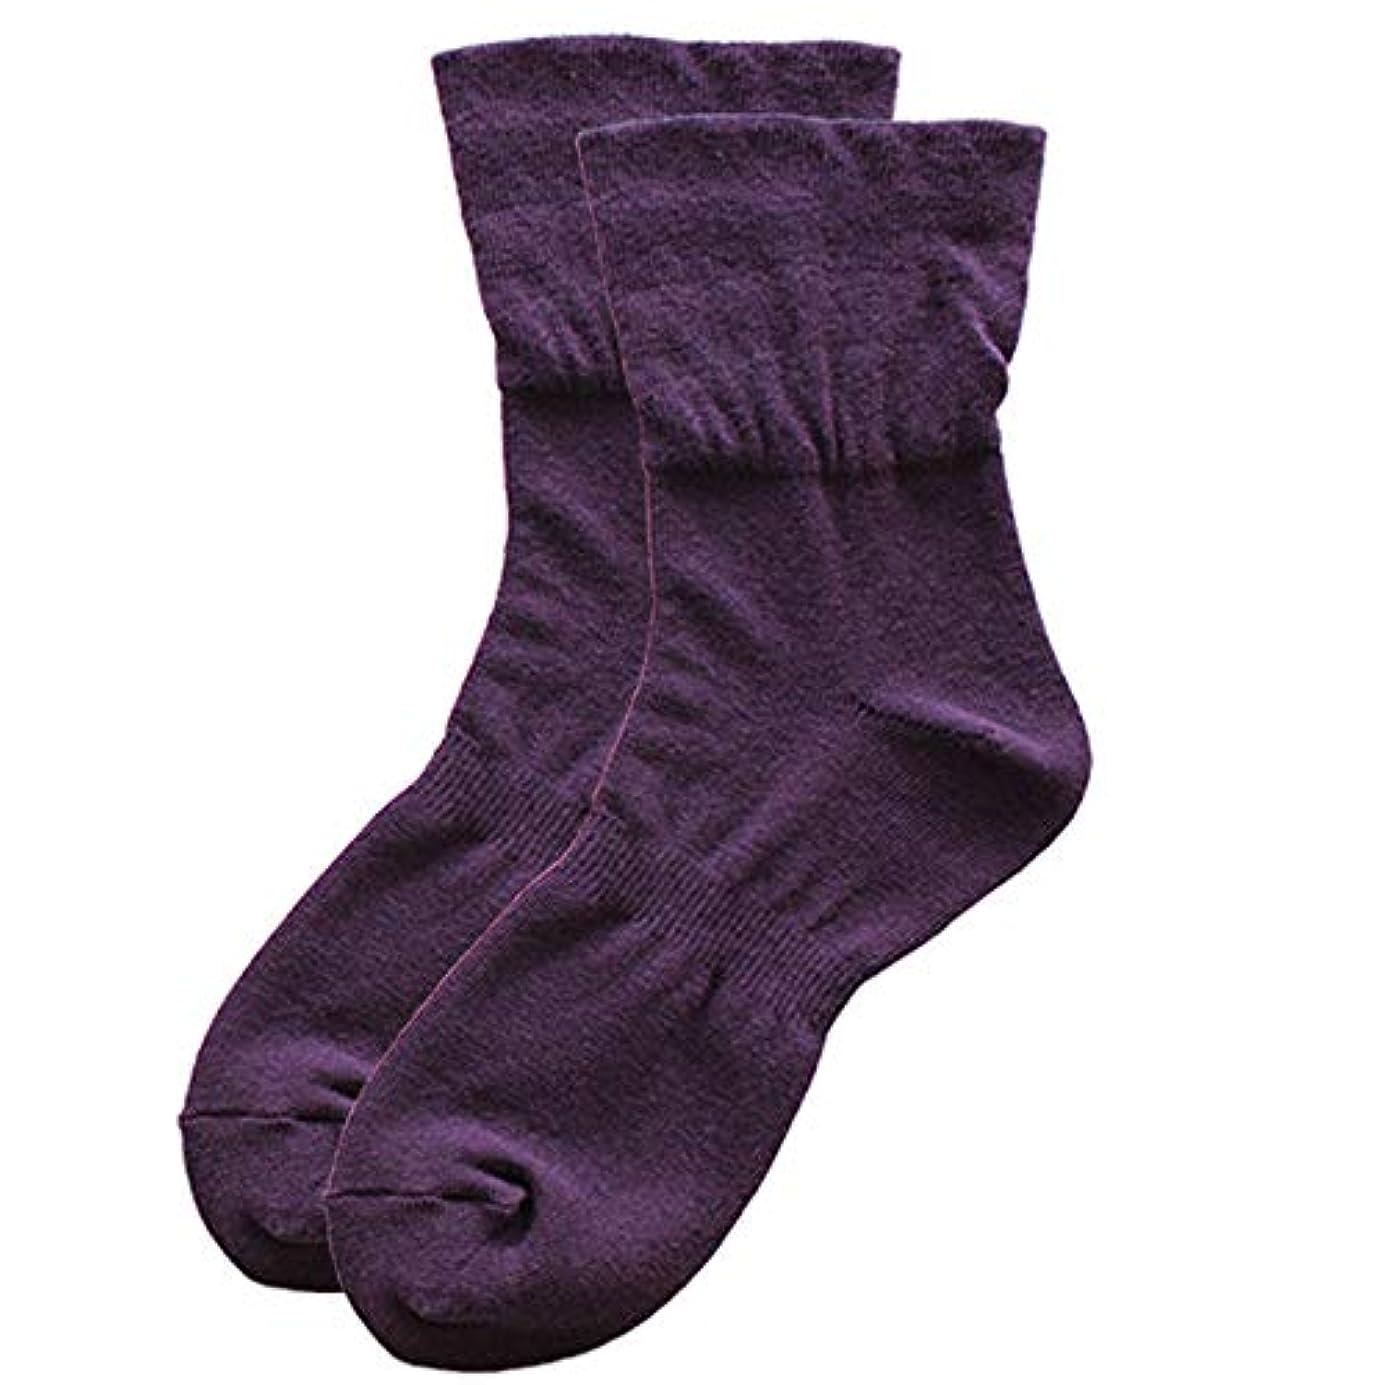 出くわす敬の念浸した歩くぬか袋 締めつけない靴下 23-25cm パープル